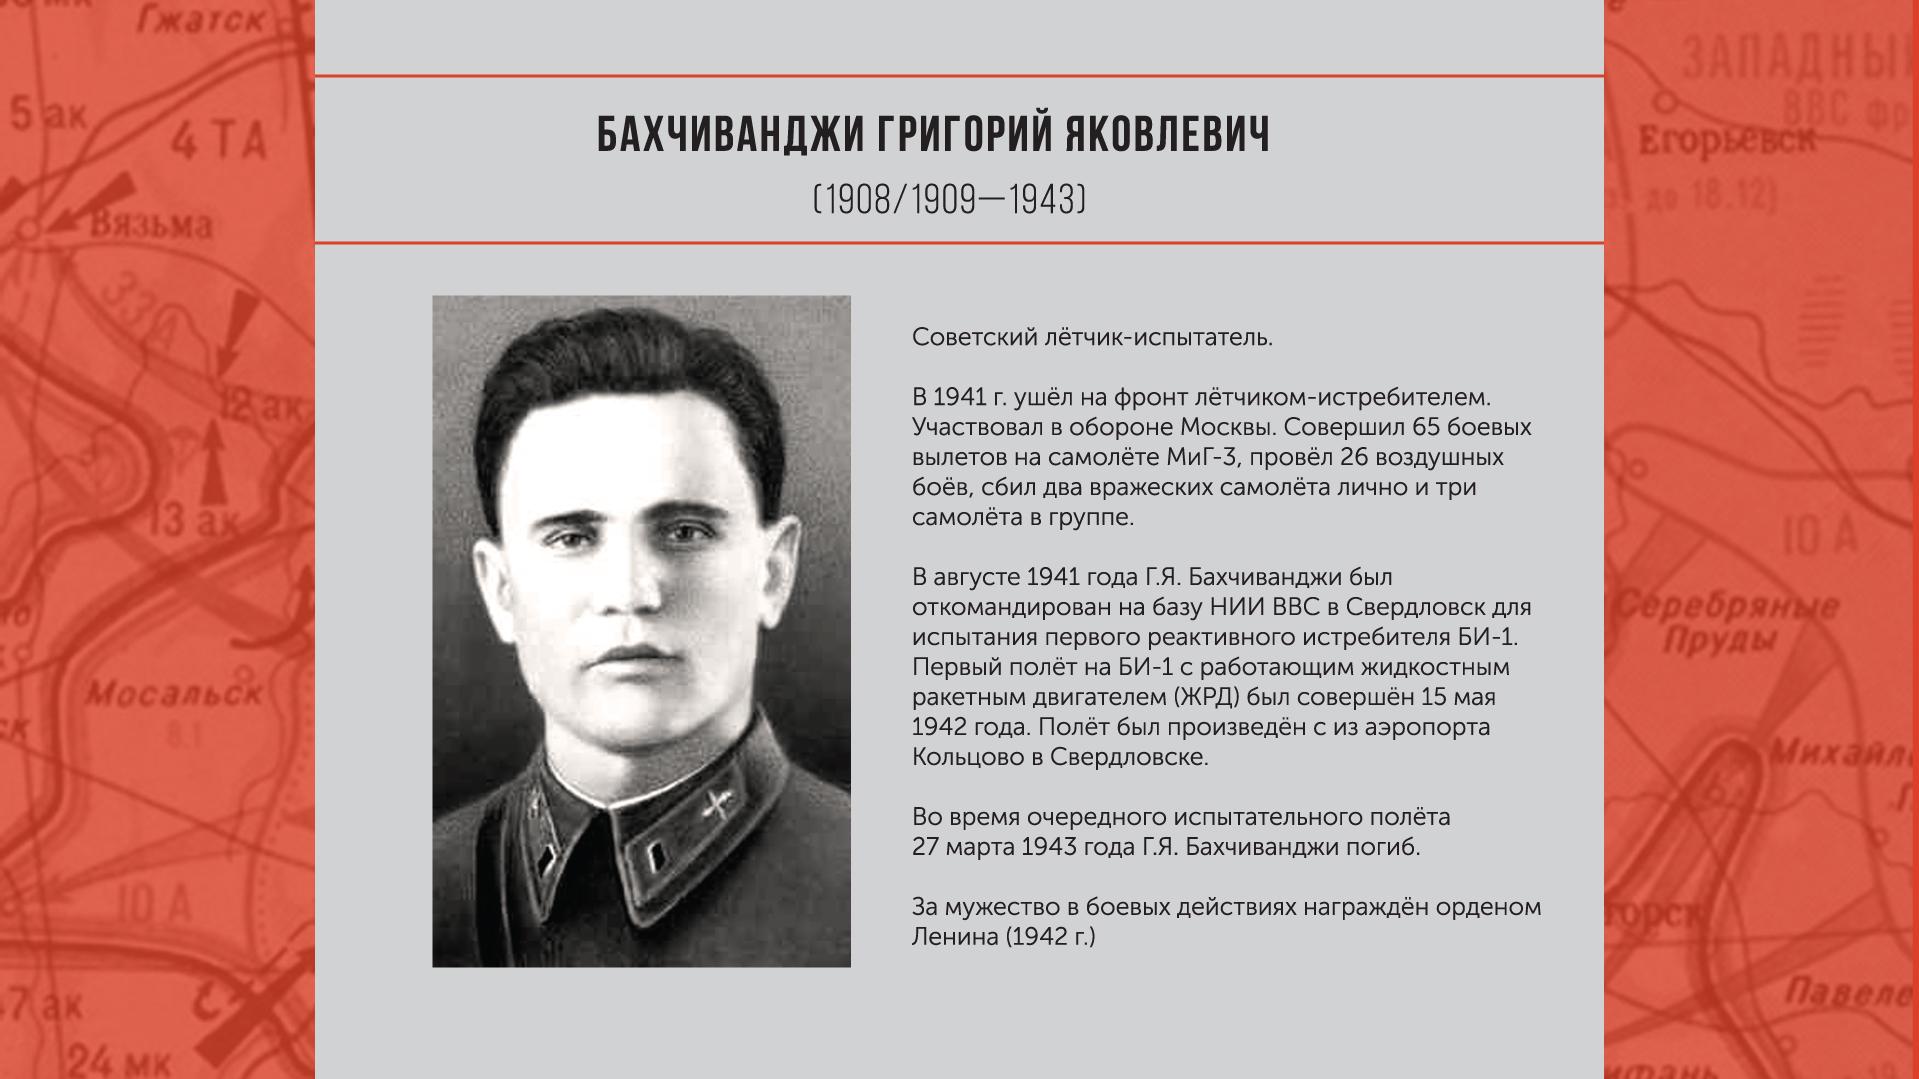 Бахчиванджи Григорий Яковлевич